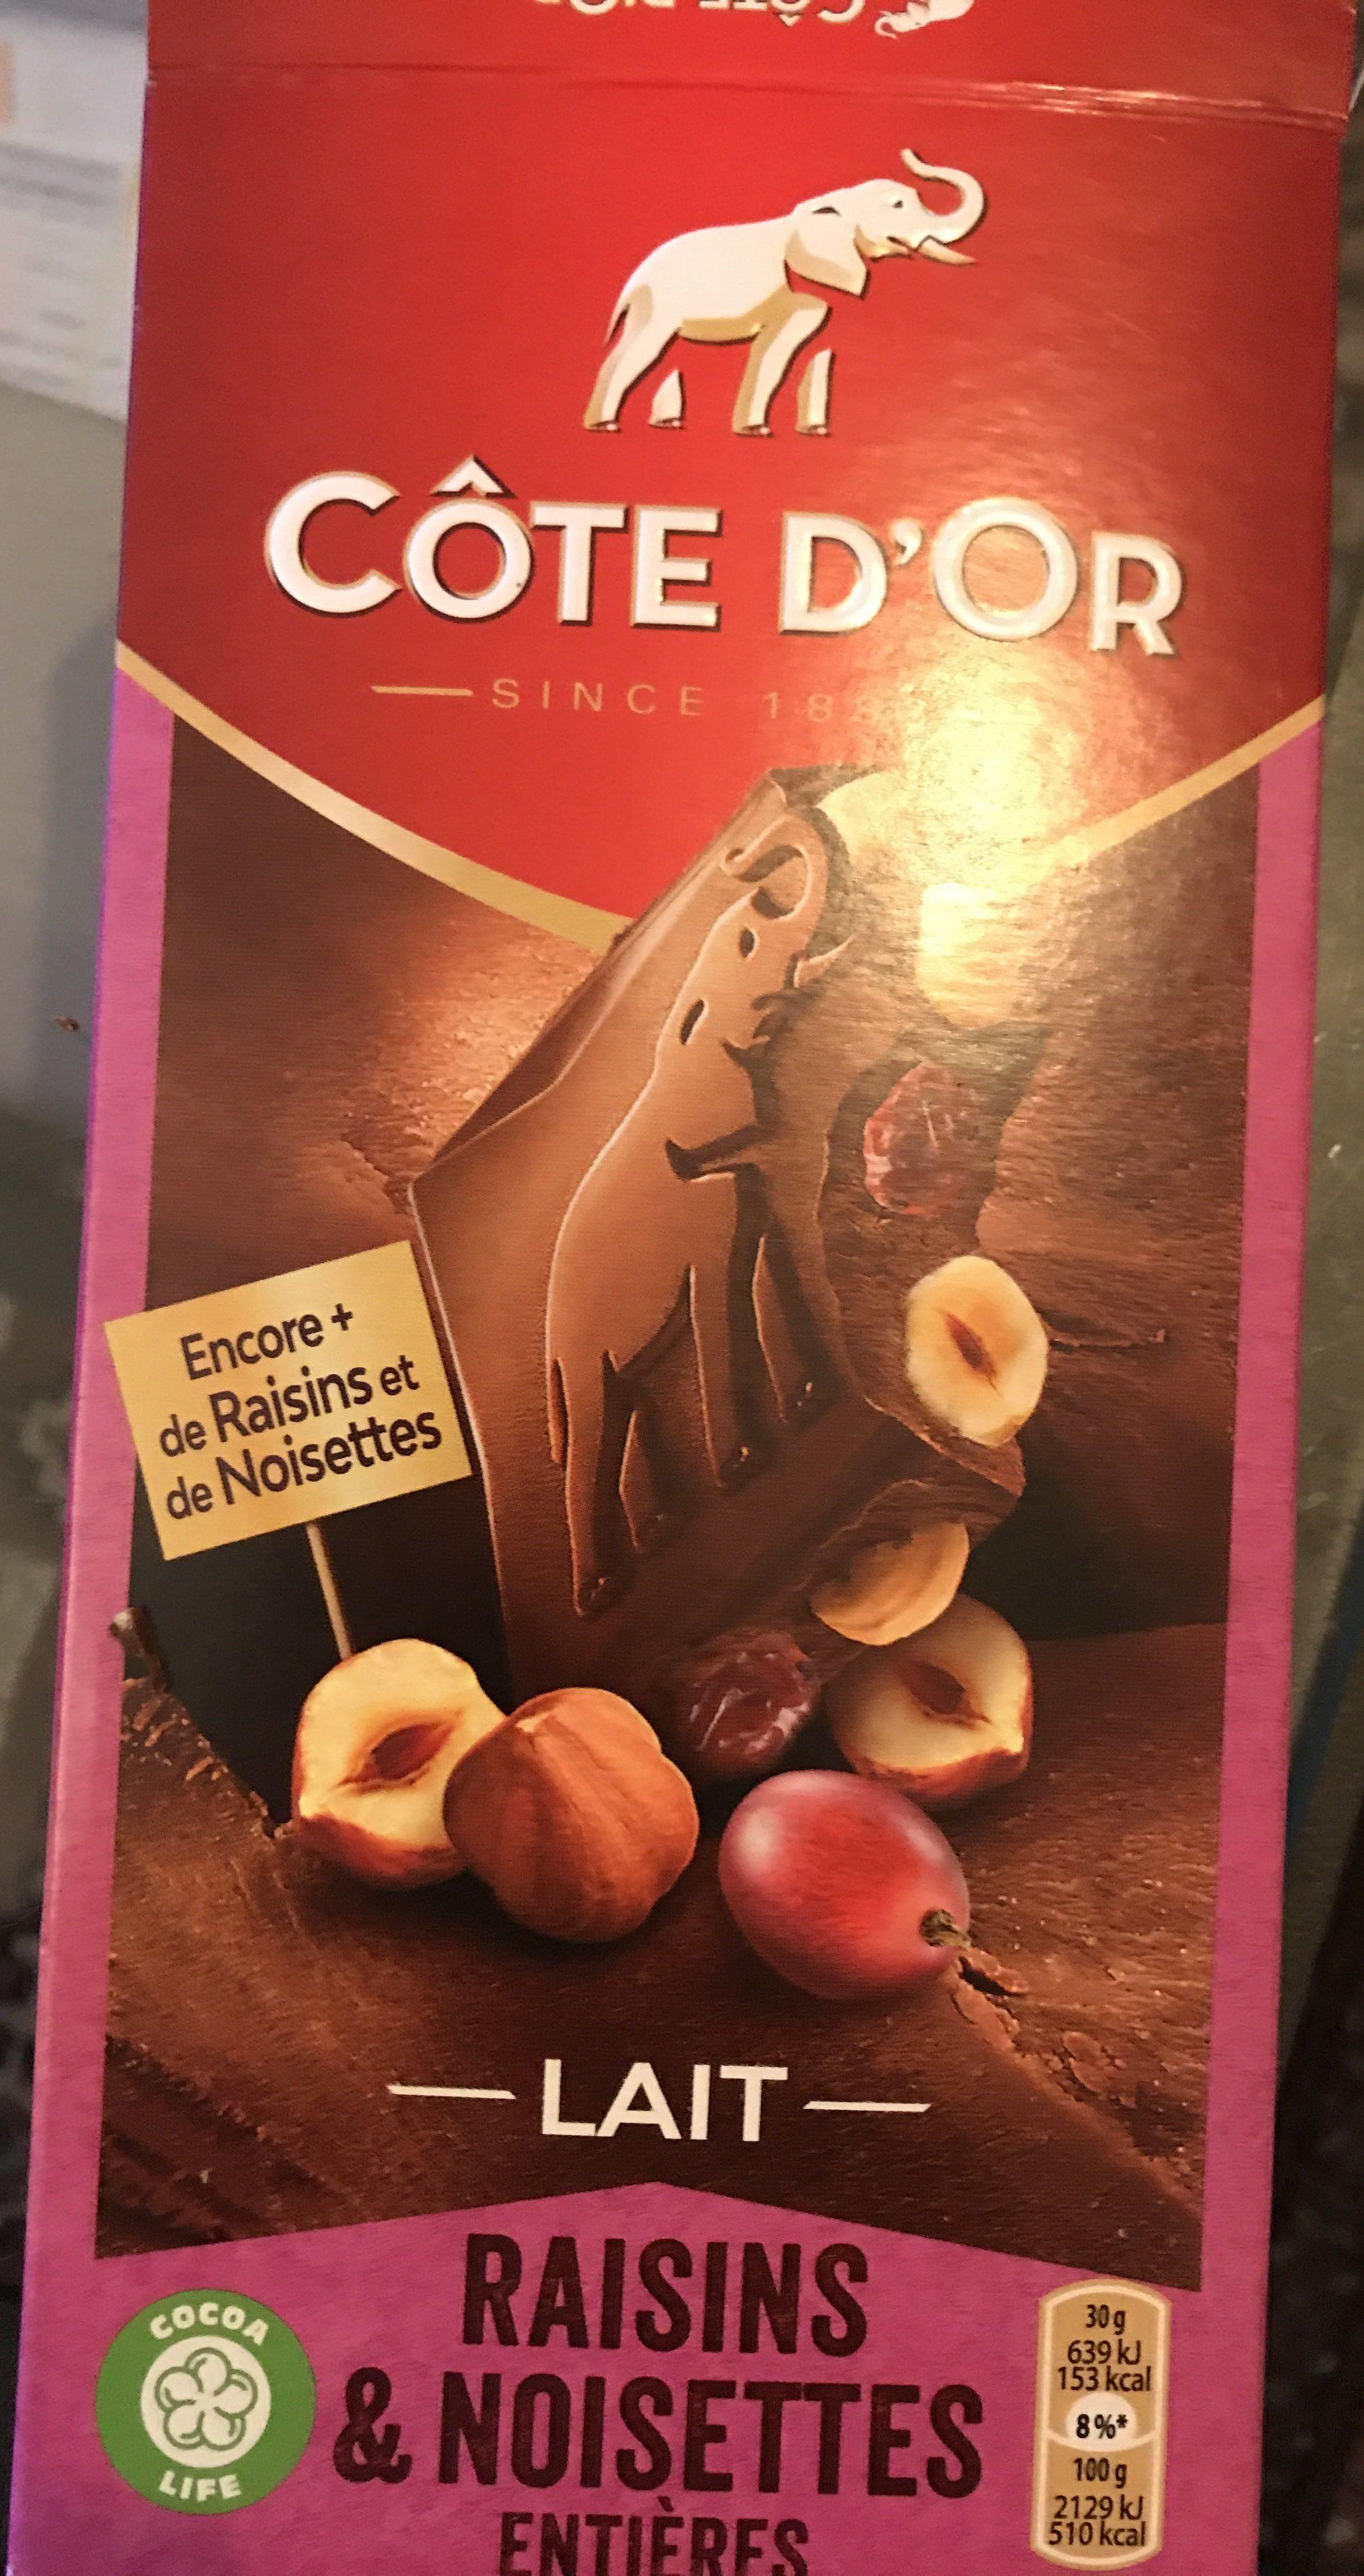 Bloc Lait raisins noisettes entières - Produit - fr